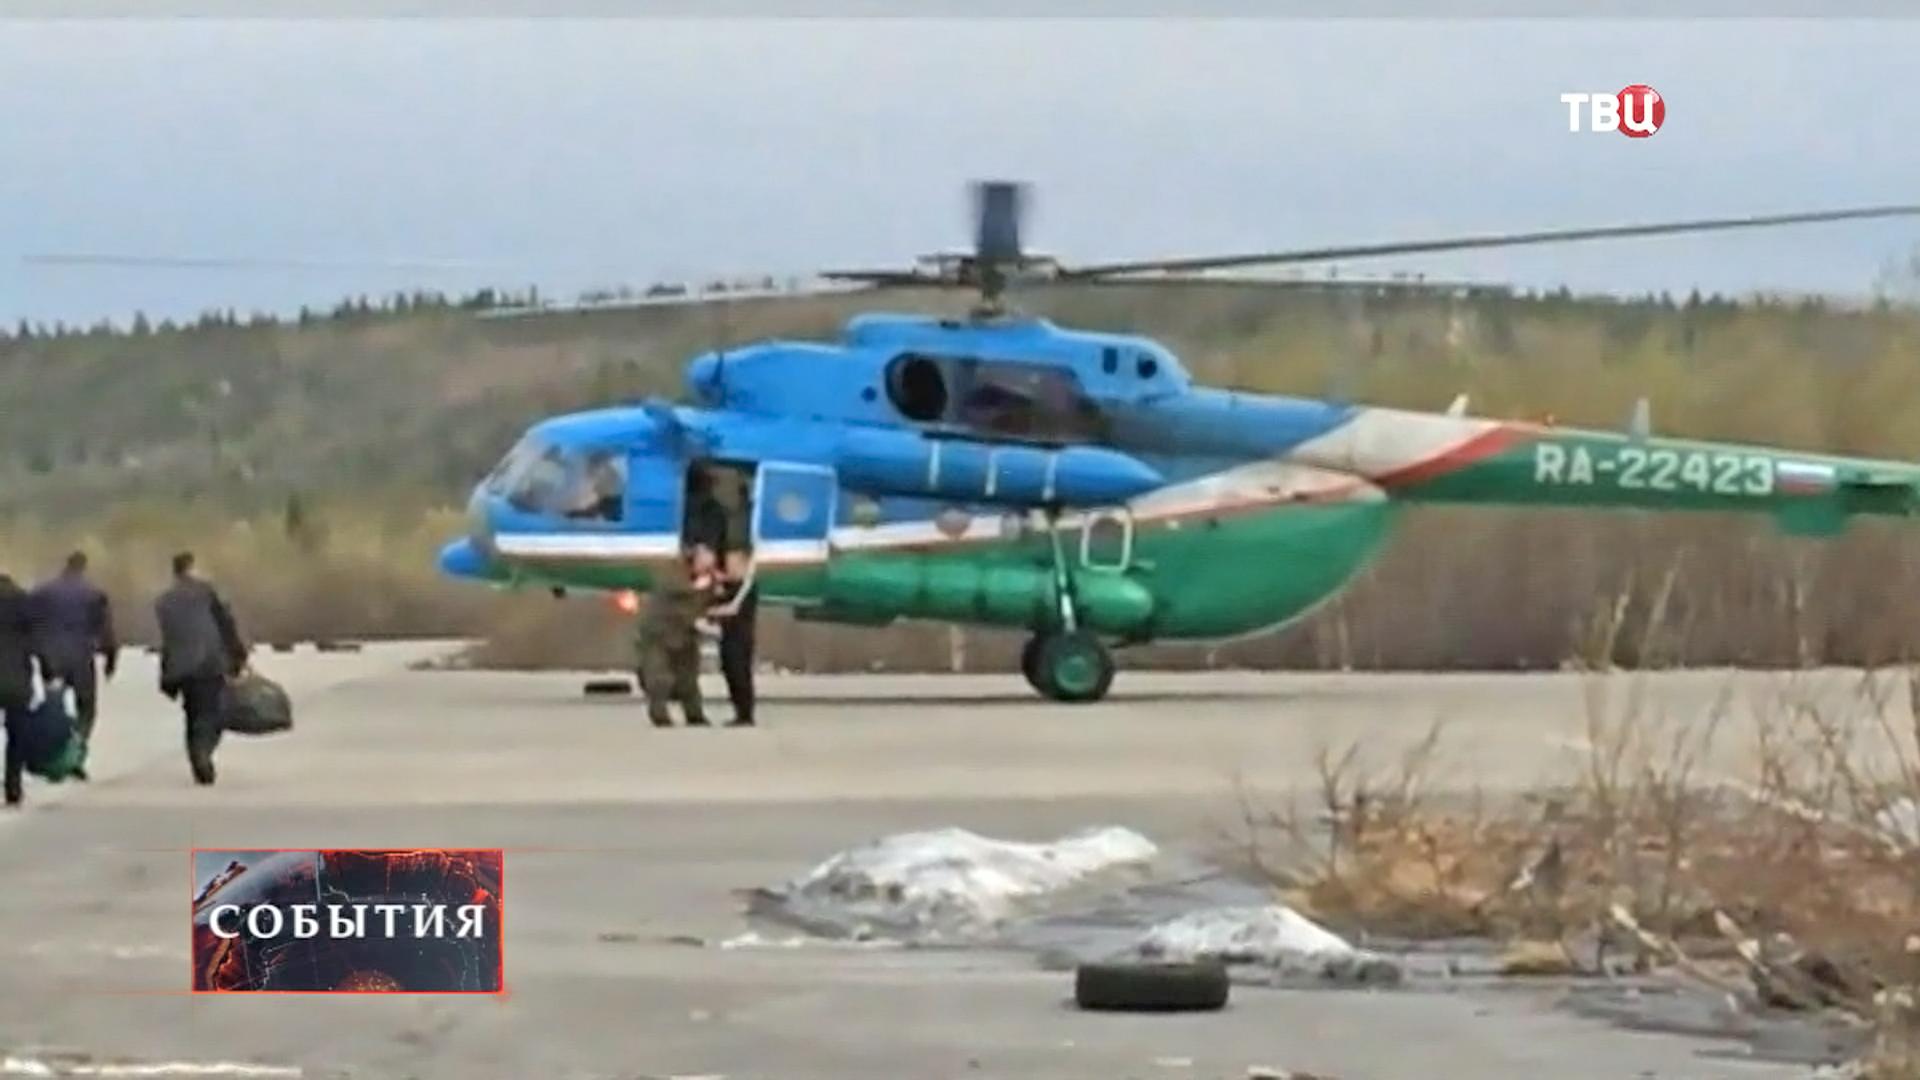 Вертолет Ми-8 с бортовым номером RA-22423